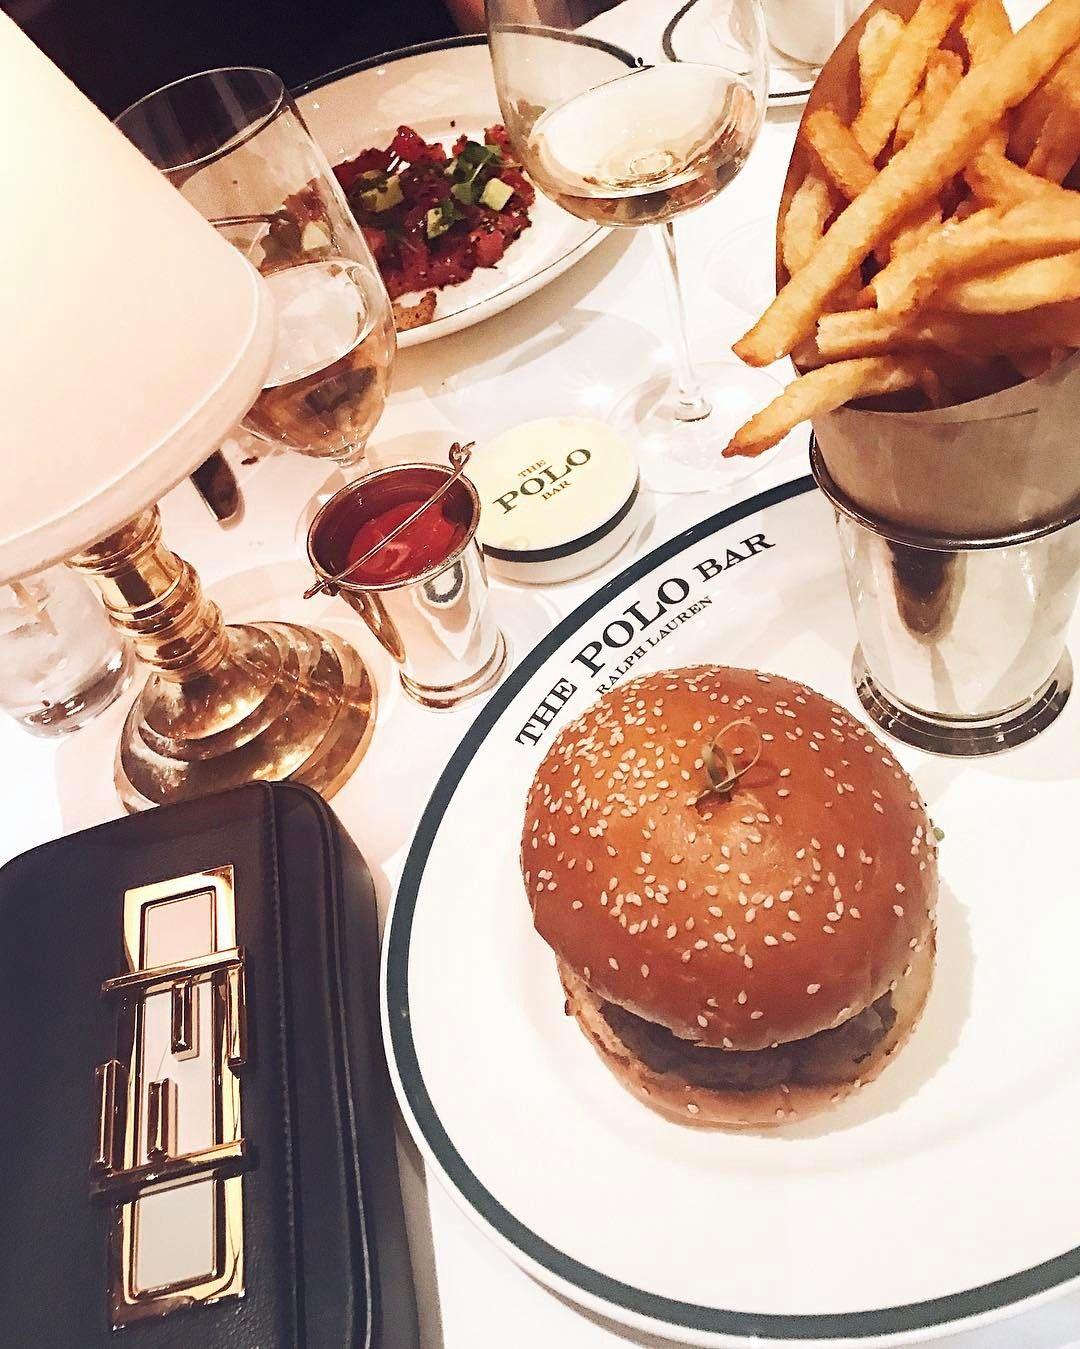 Jantar em um dos meus lugares preferidos de NY!  Adoro a decoração clima descontraído e comida deliciosa  Além de só ter gente linda!